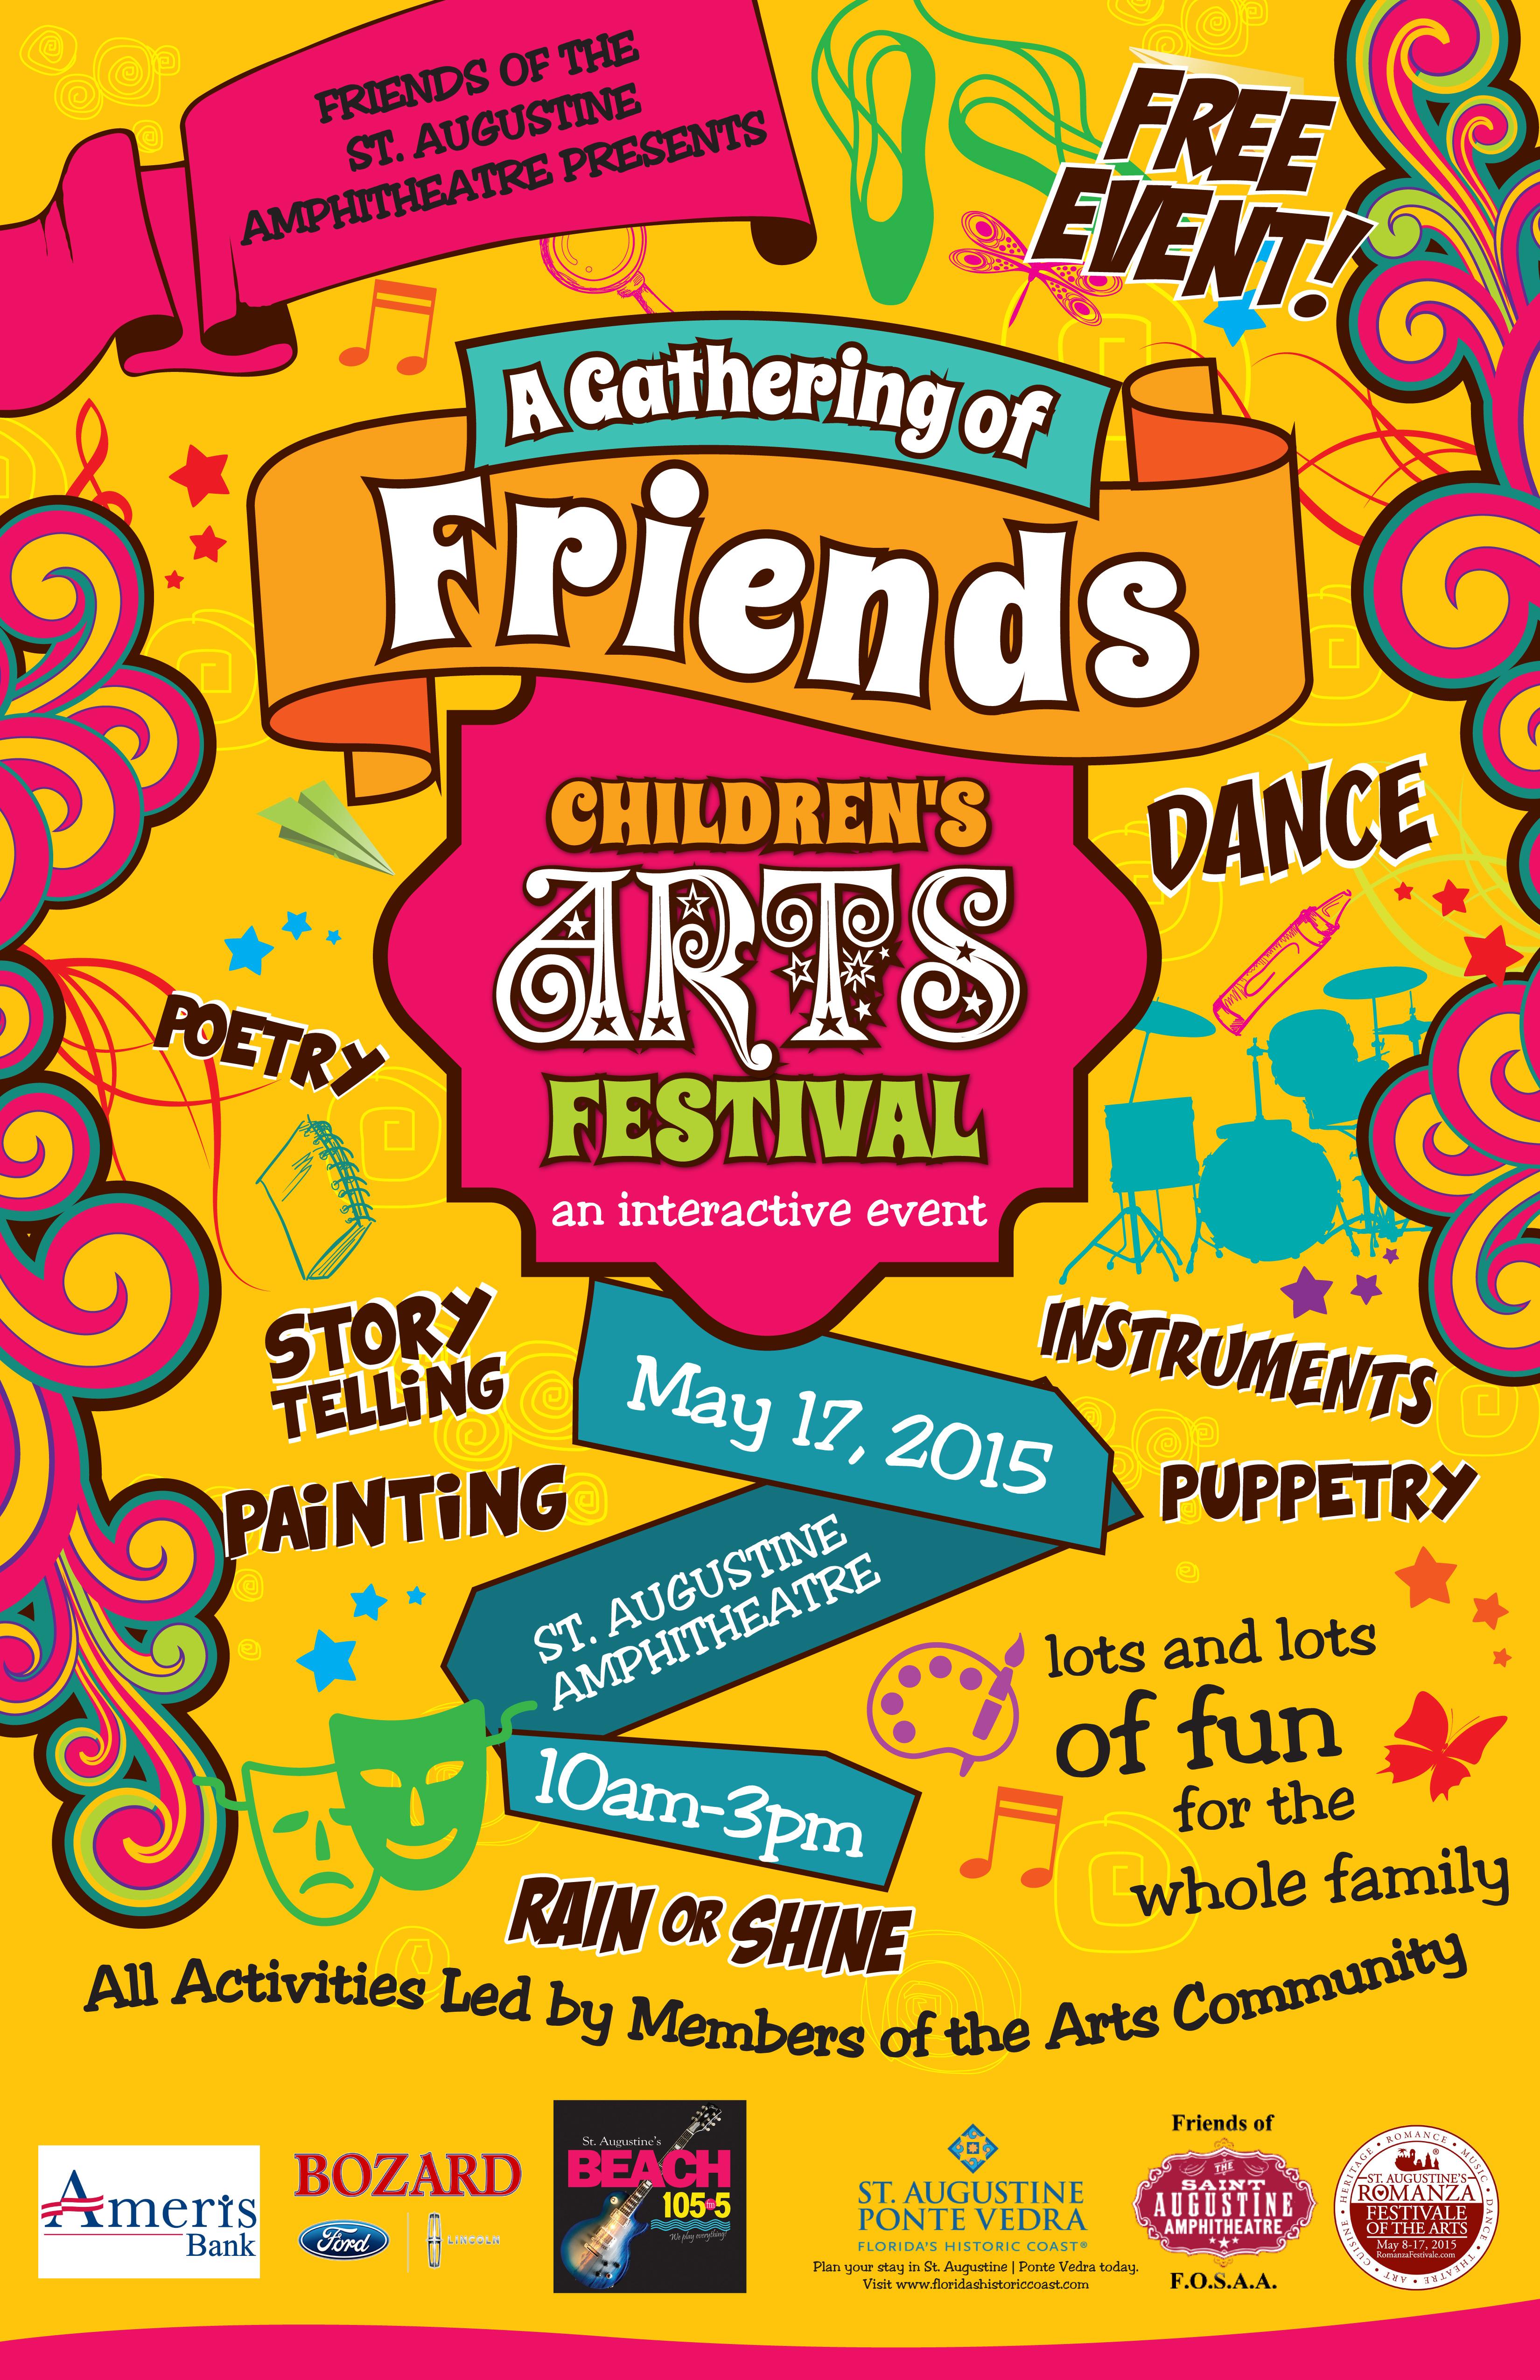 FOSAA Childrens Art Festival 2015 11x17 v3